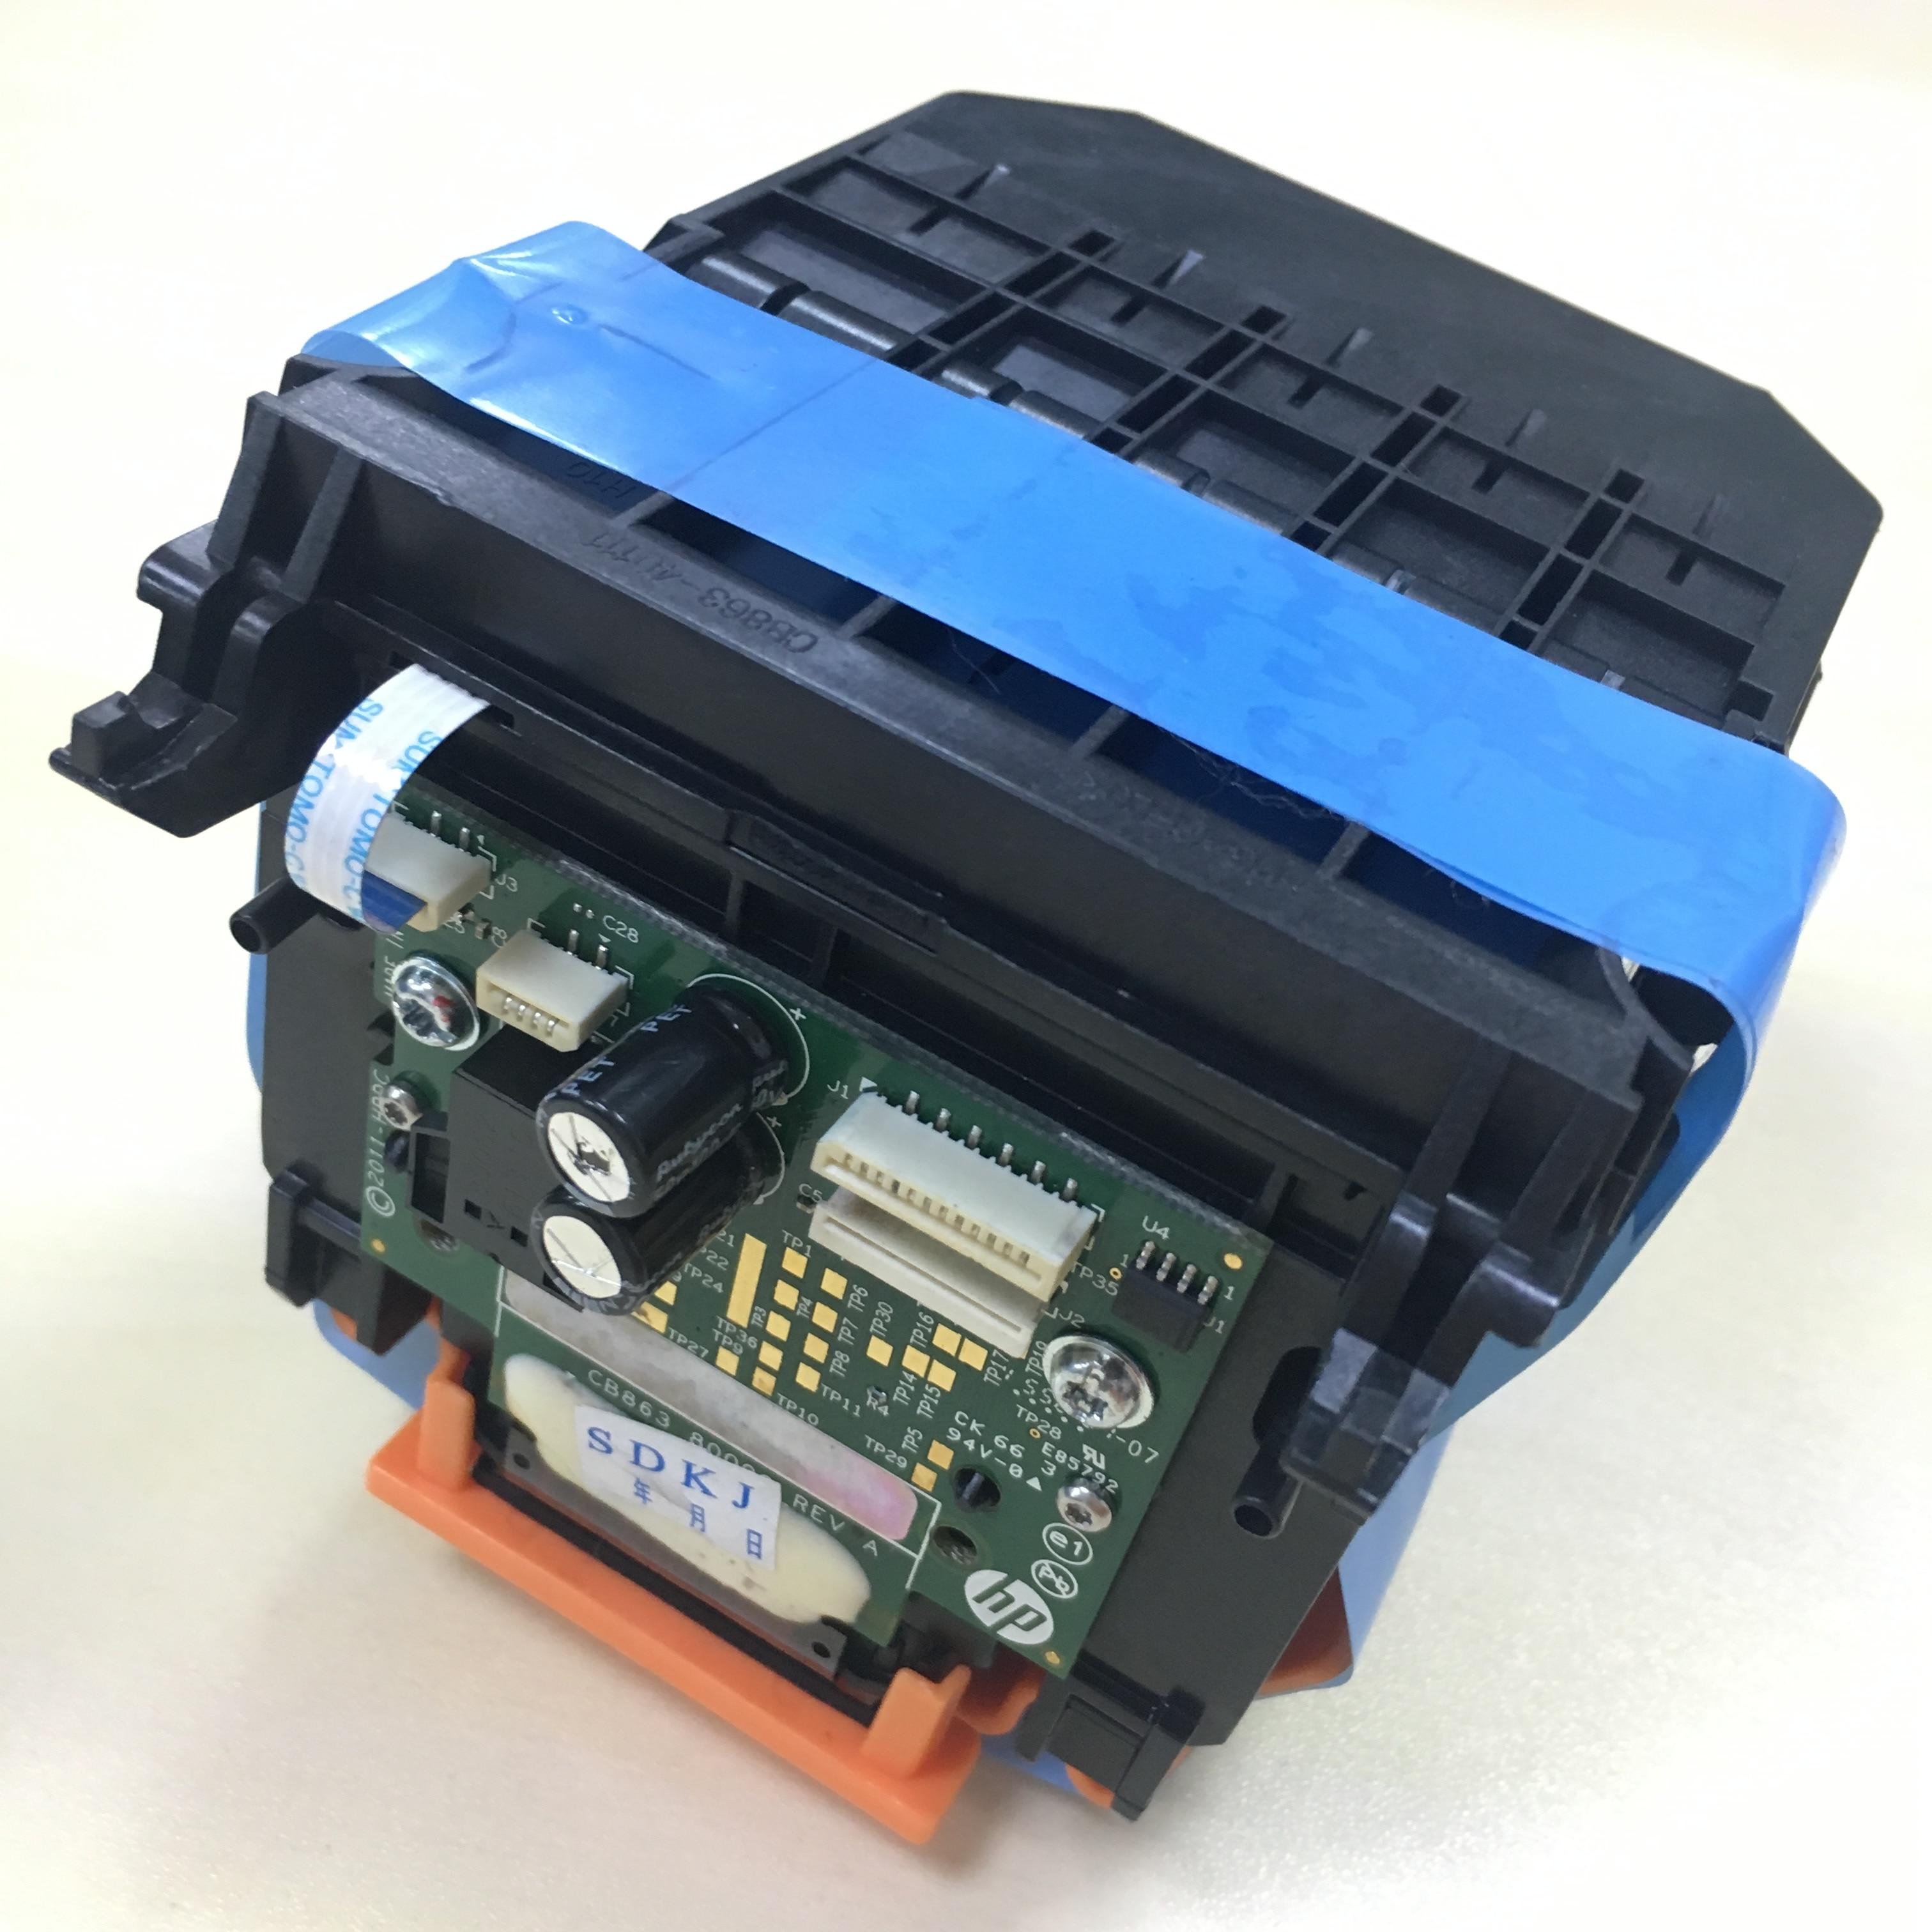 2 pcs/lot CB863-60133 Tête D'imprimante pour HP 932 933 pour Officejet 6100 6600 6700 7110 7610 7612 Tête D'impression